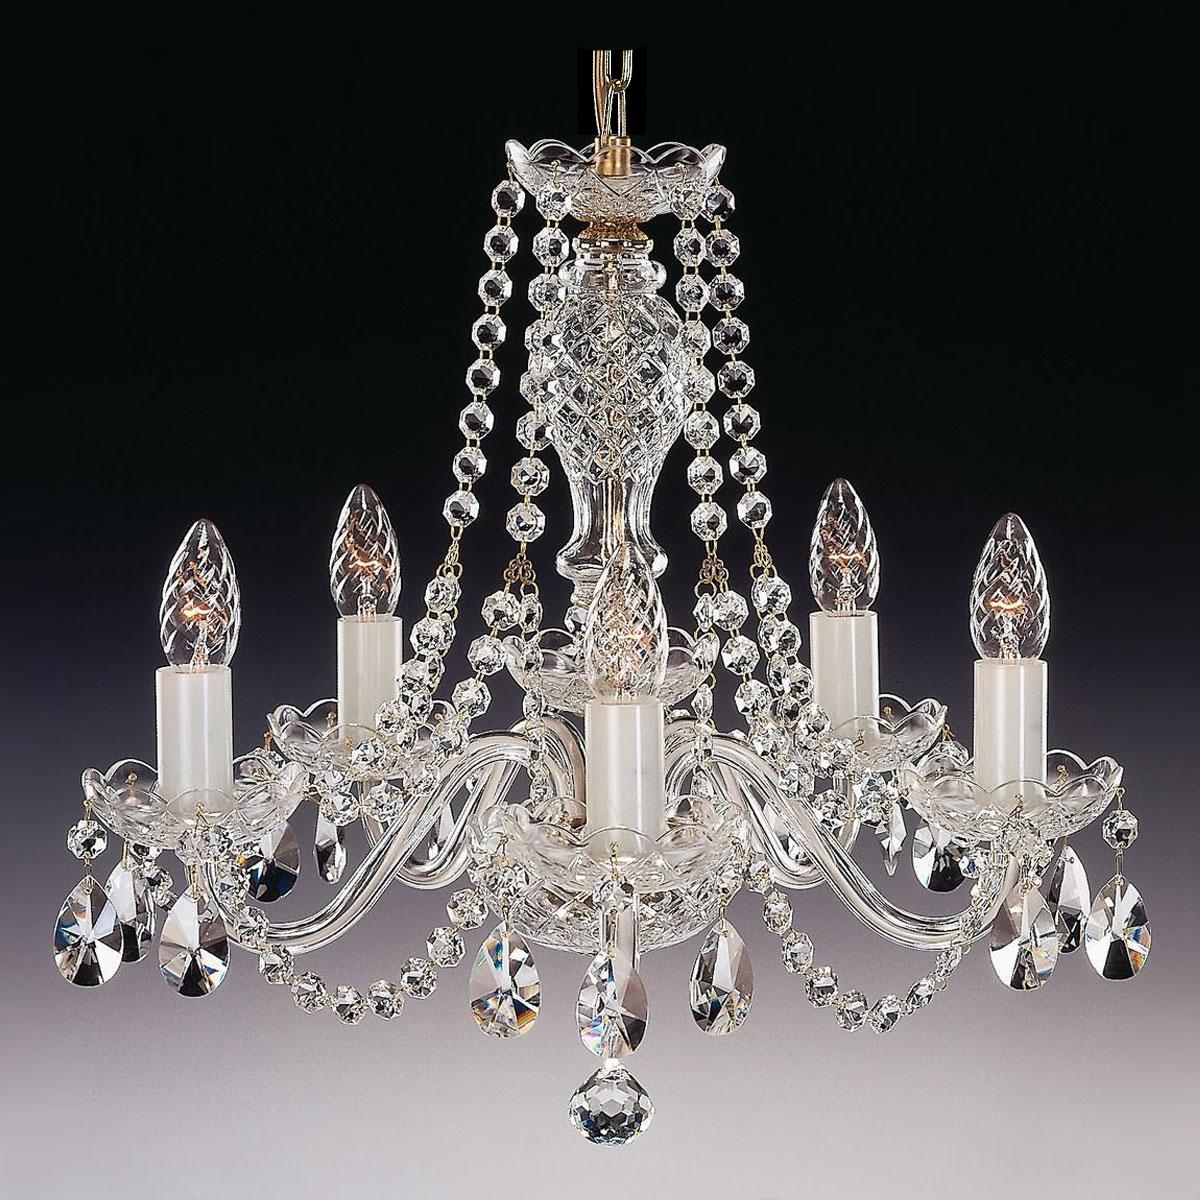 klassischer kristall kronleuchter hauke v kronleuchter. Black Bedroom Furniture Sets. Home Design Ideas